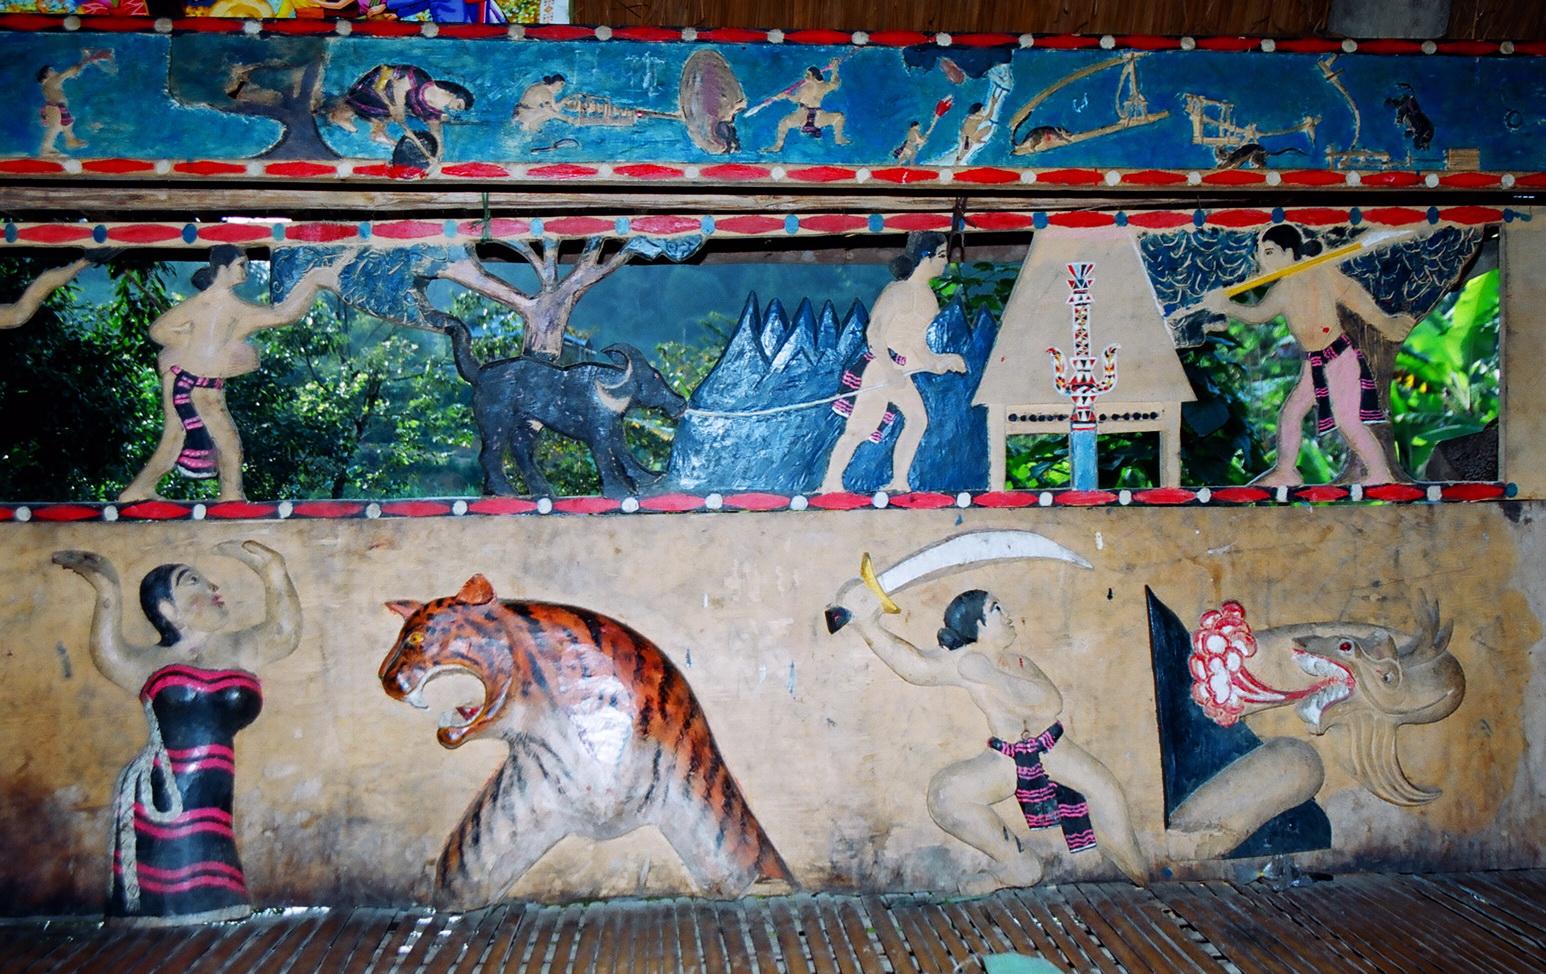 A4 Những bức phù điêu và tranh vẽ đầy màu sắc trên tấm ván thưng trong nhà làng_resize